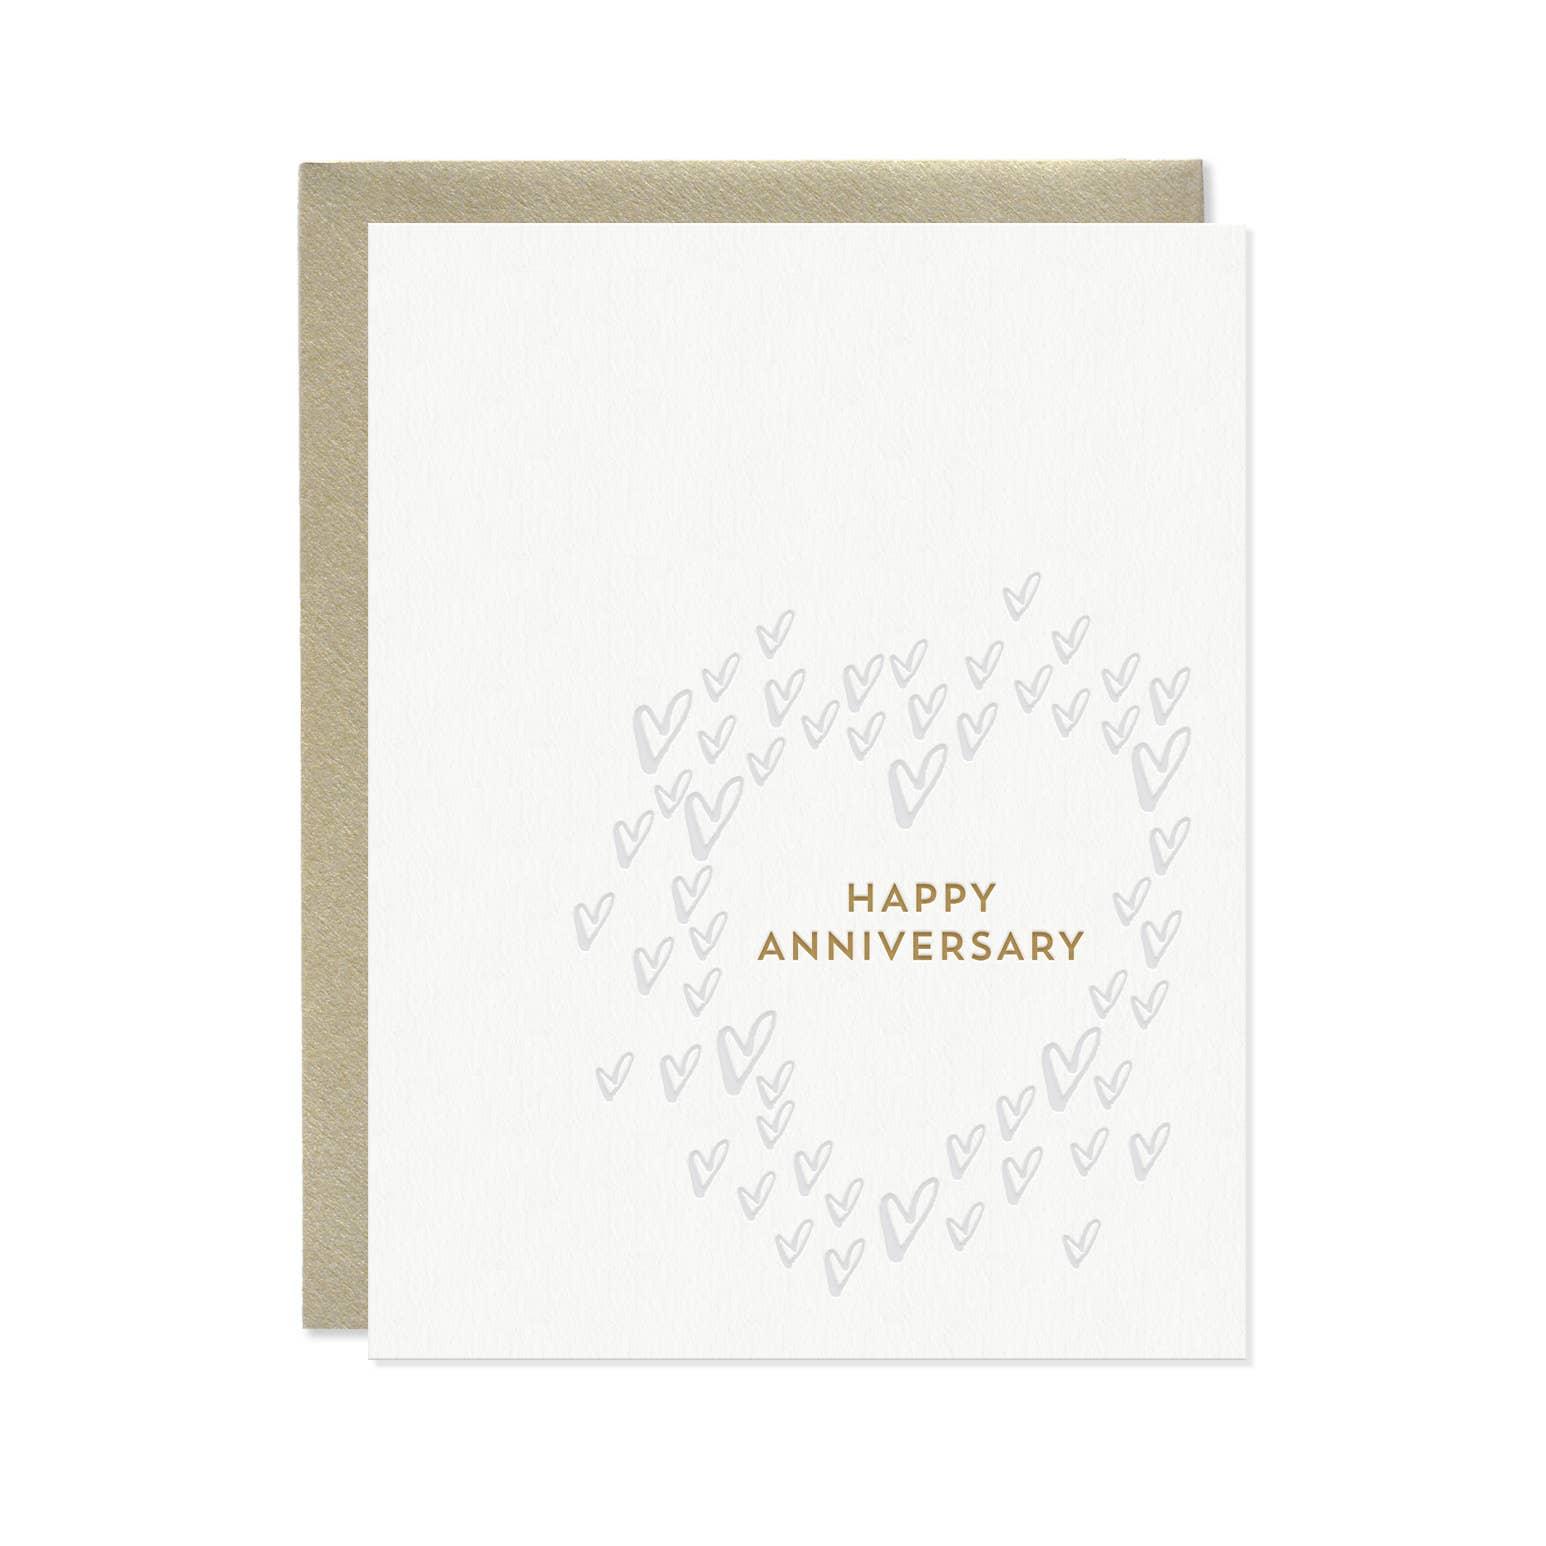 Hearts Anniversary Card | Trada Marketplace